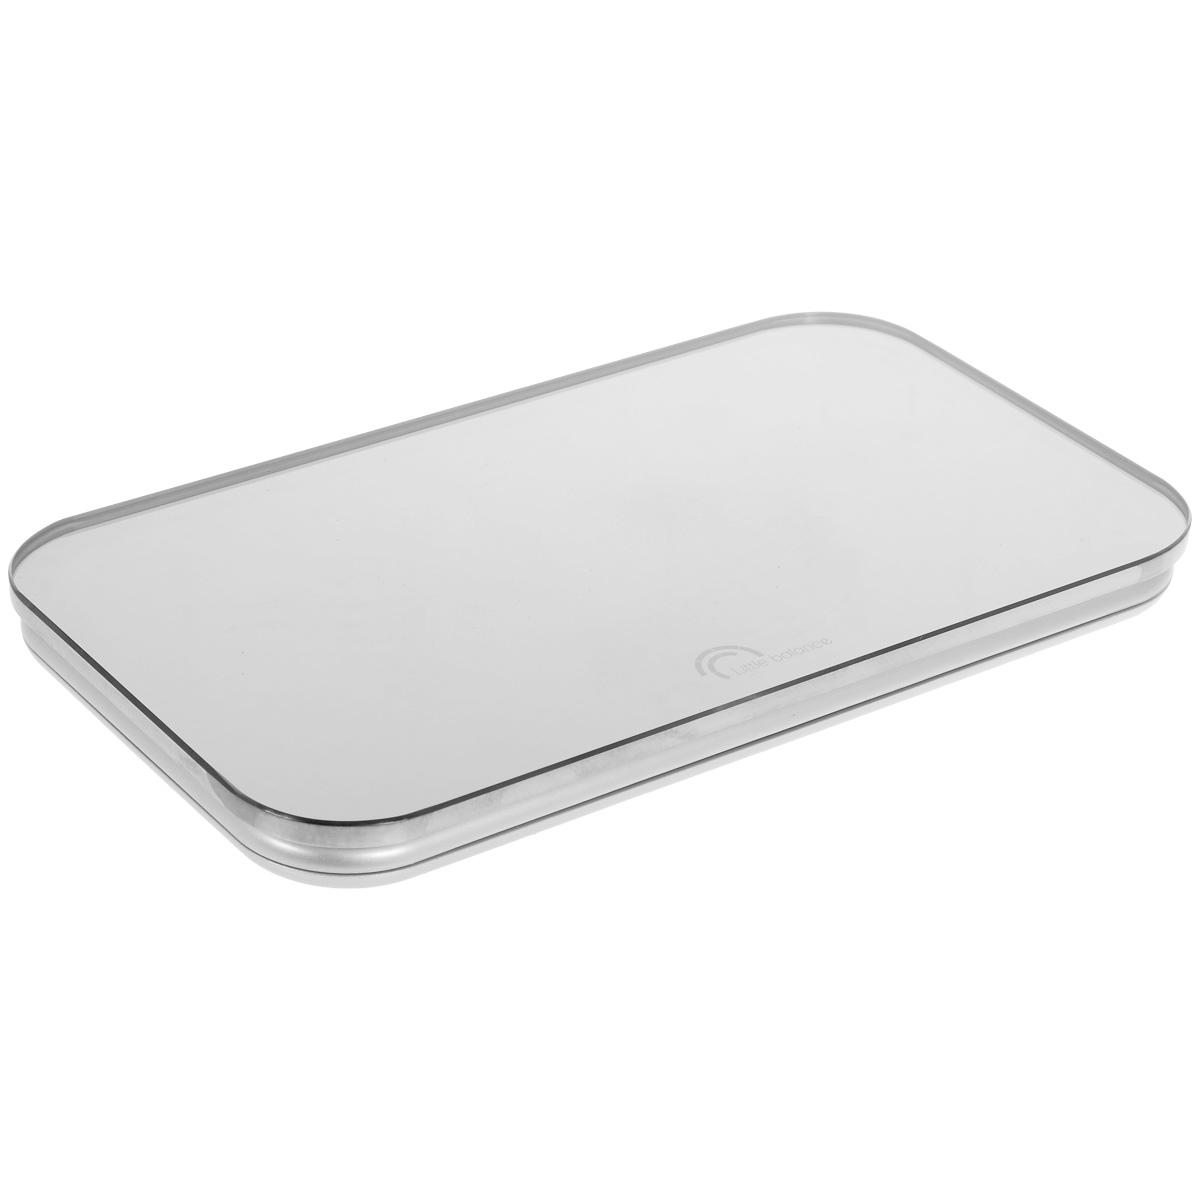 Весы напольные Little balance Nomade, цвет: стальной, зеркальный весы little balance 8029 little